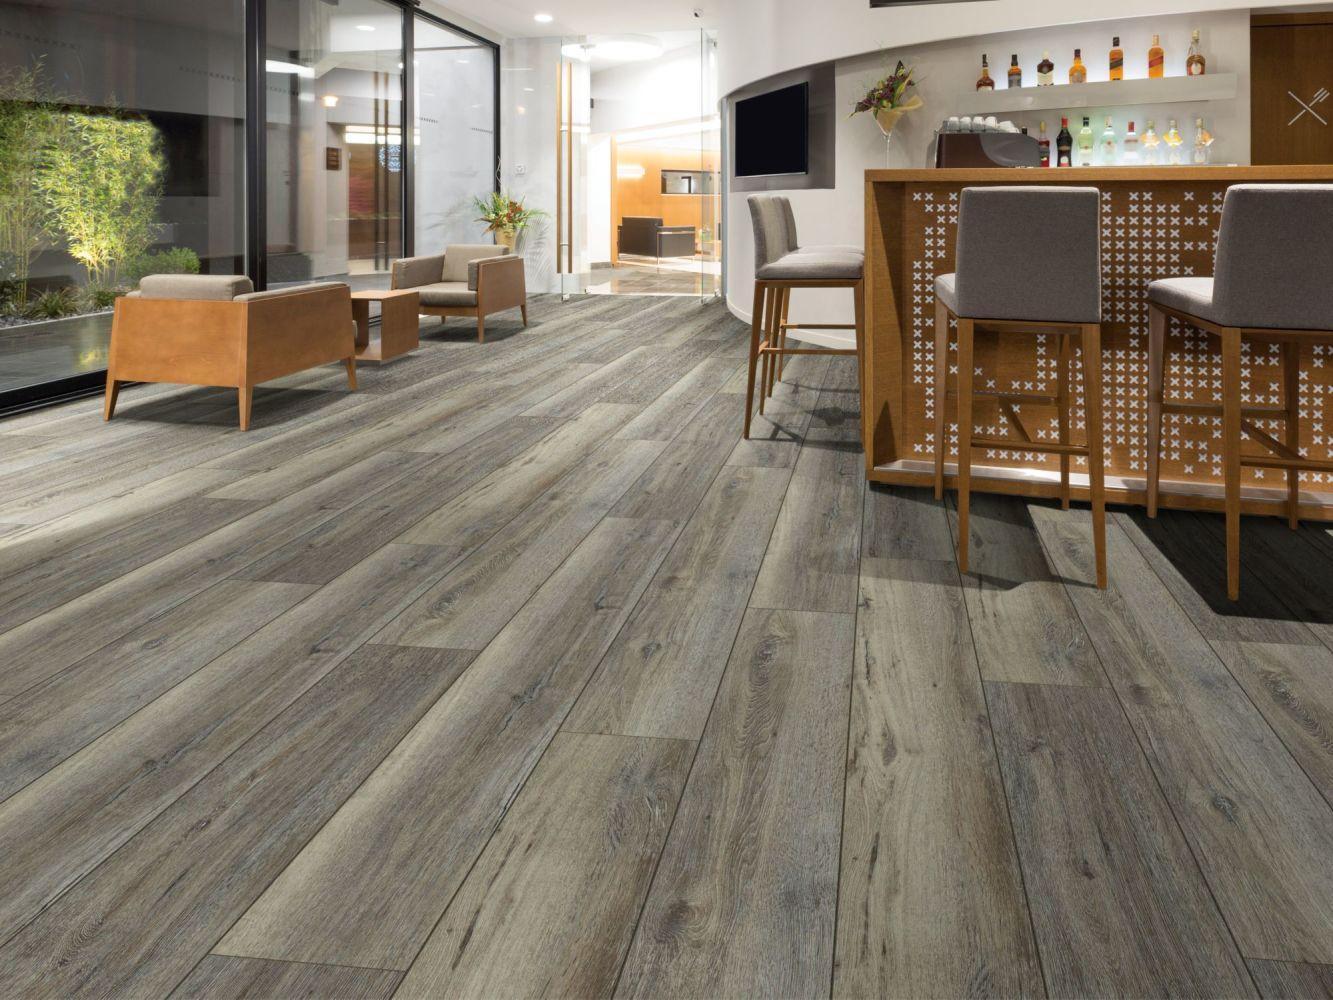 Shaw Floors 5th And Main Calibrate Silabar 05003_5M501